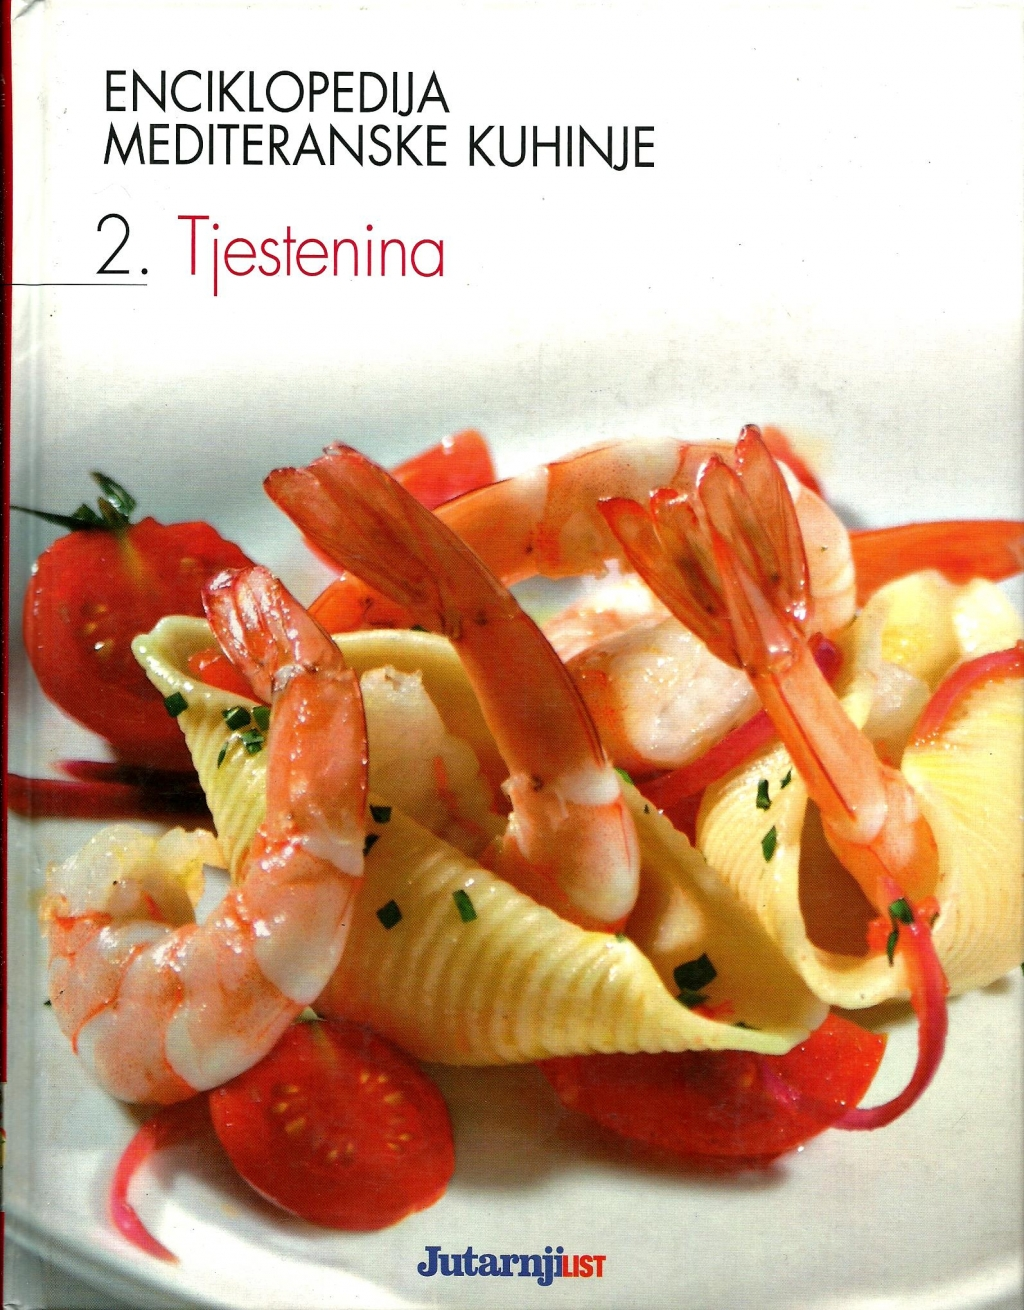 Enciklopedija mediteranske kuhinje 2: Tjestenina